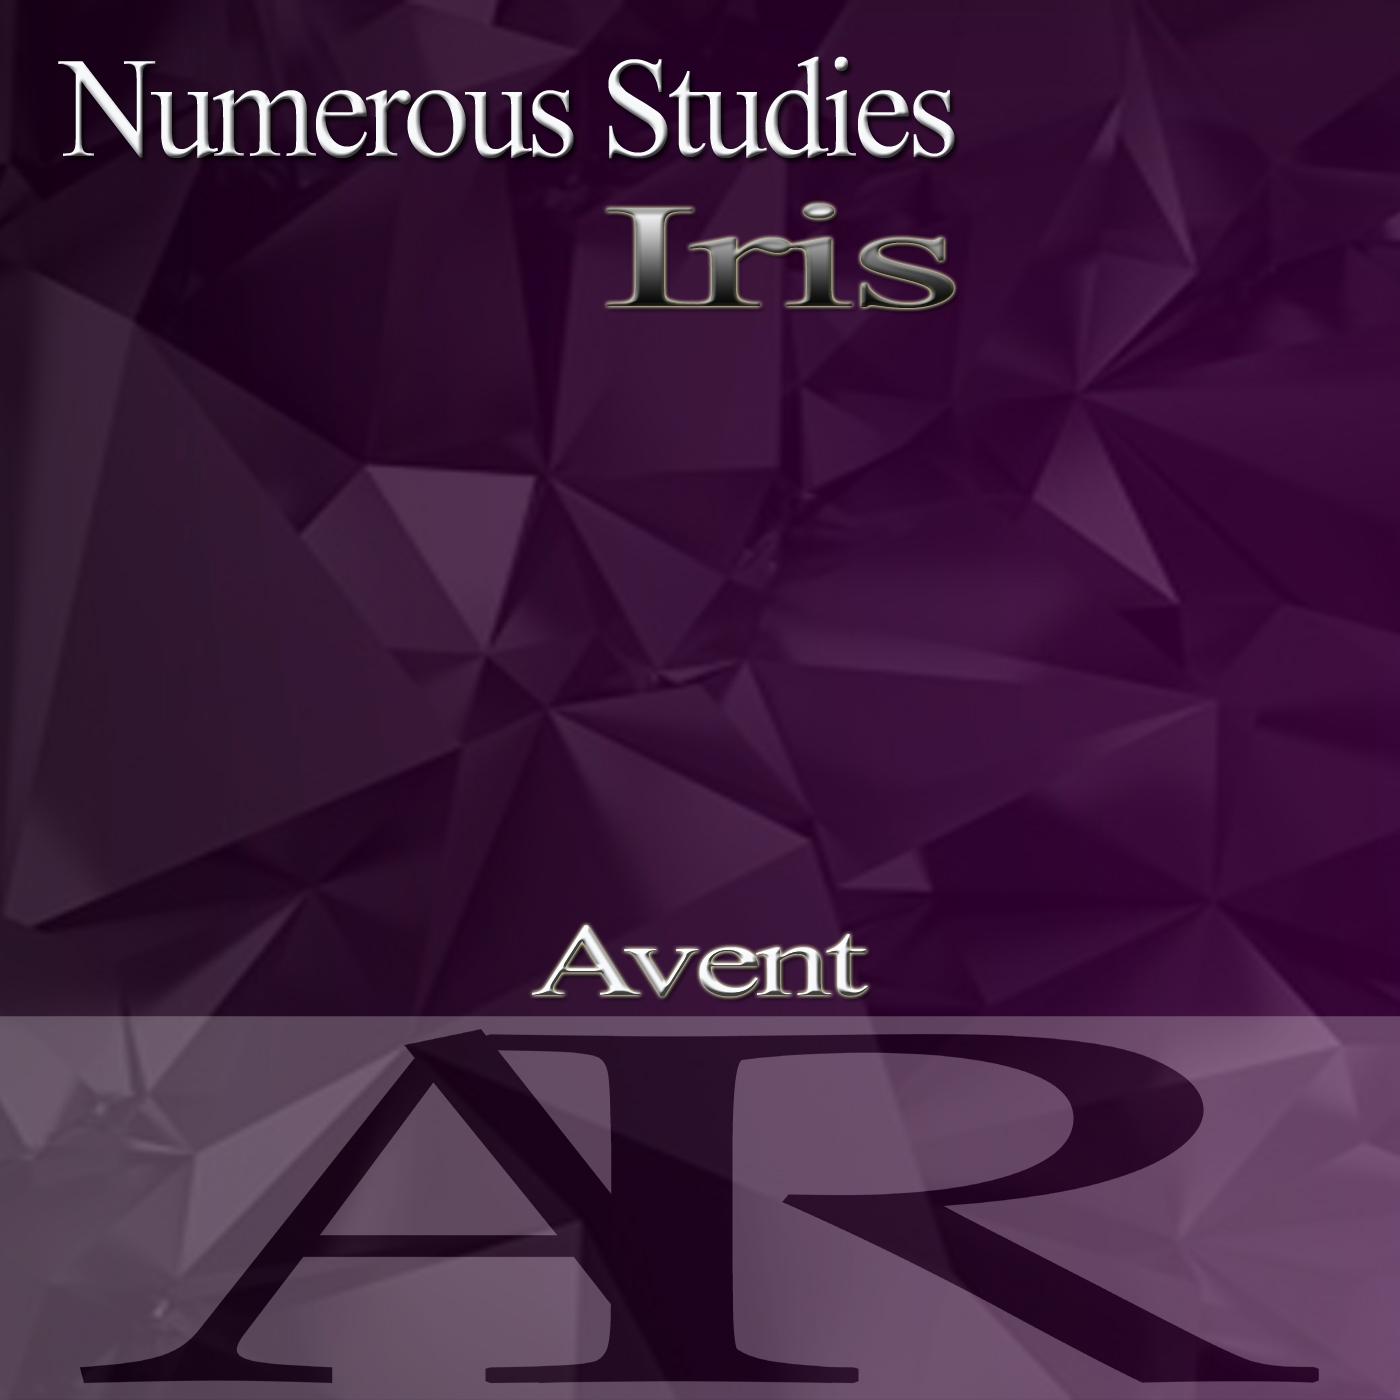 Numerous Studies  -  Iris (Original Mix)